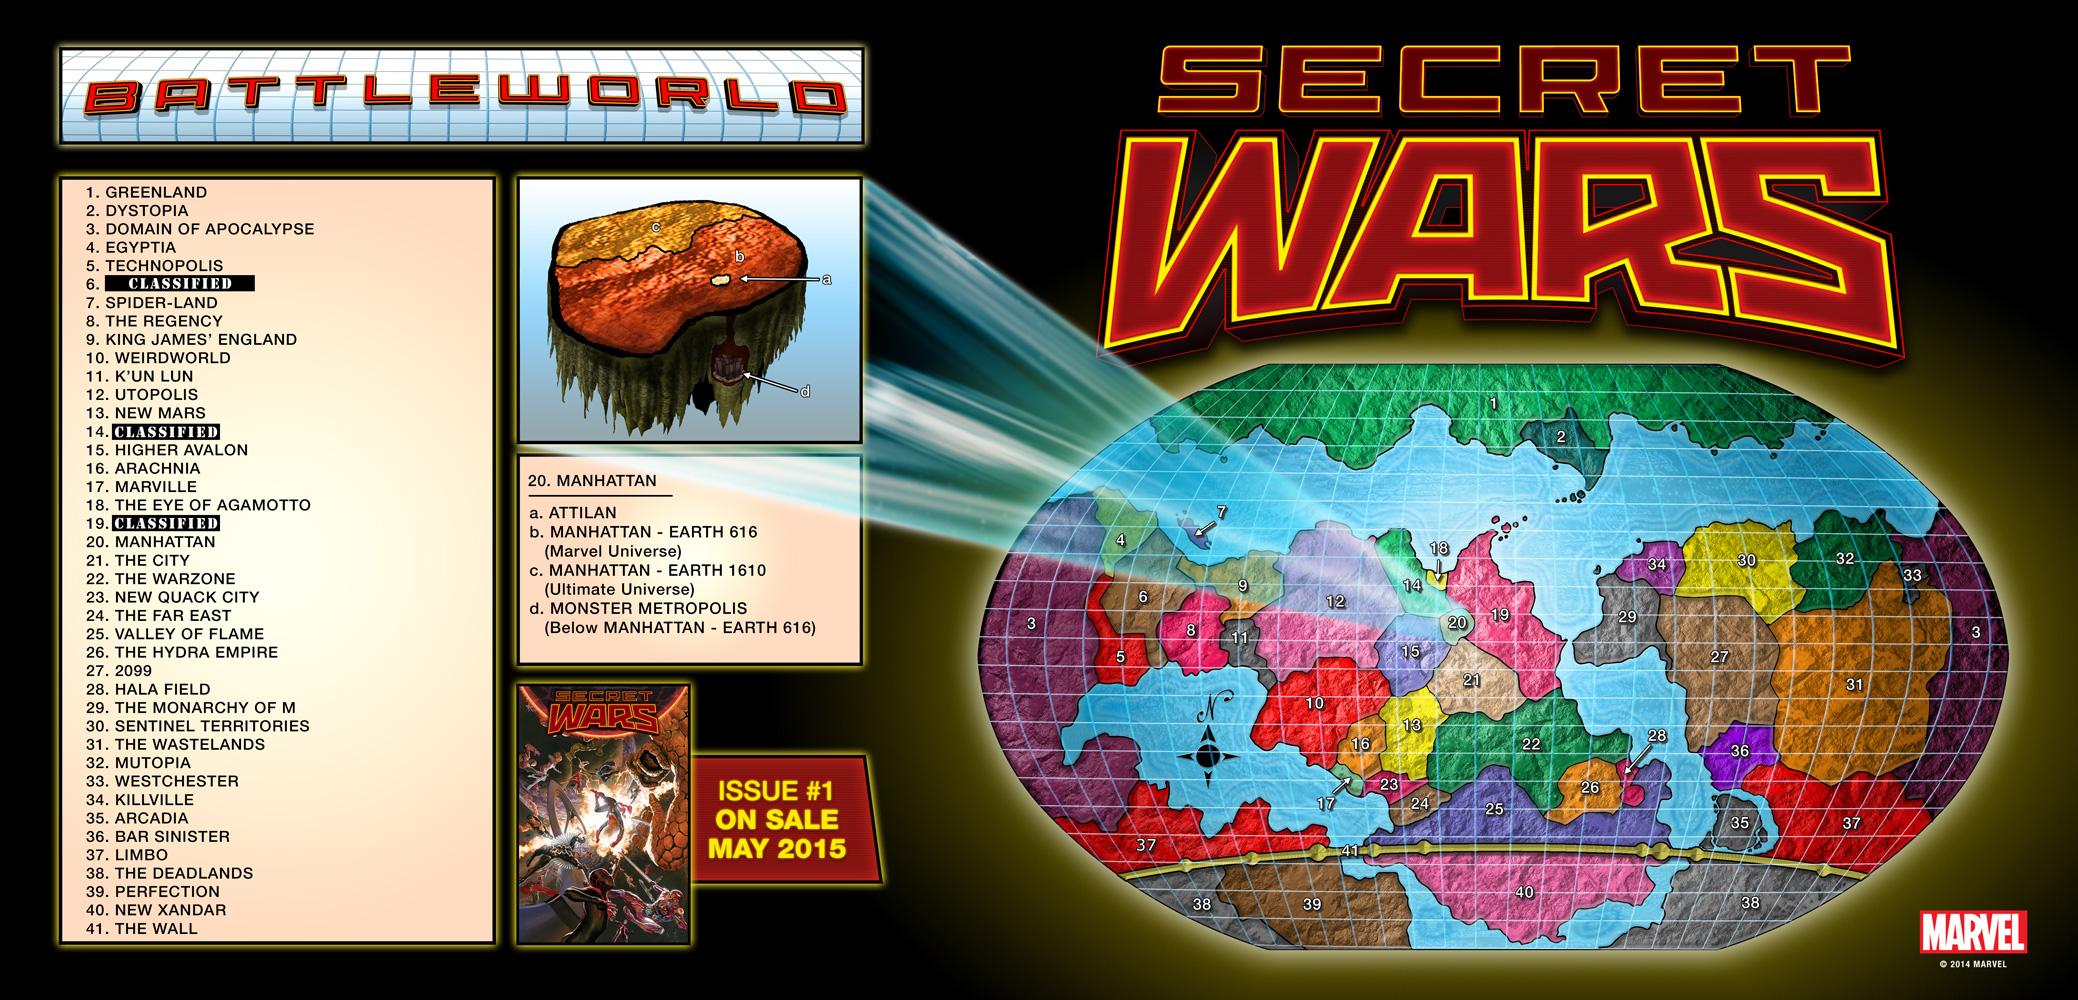 Marvel's Battleworld is the scene for Secret Wars